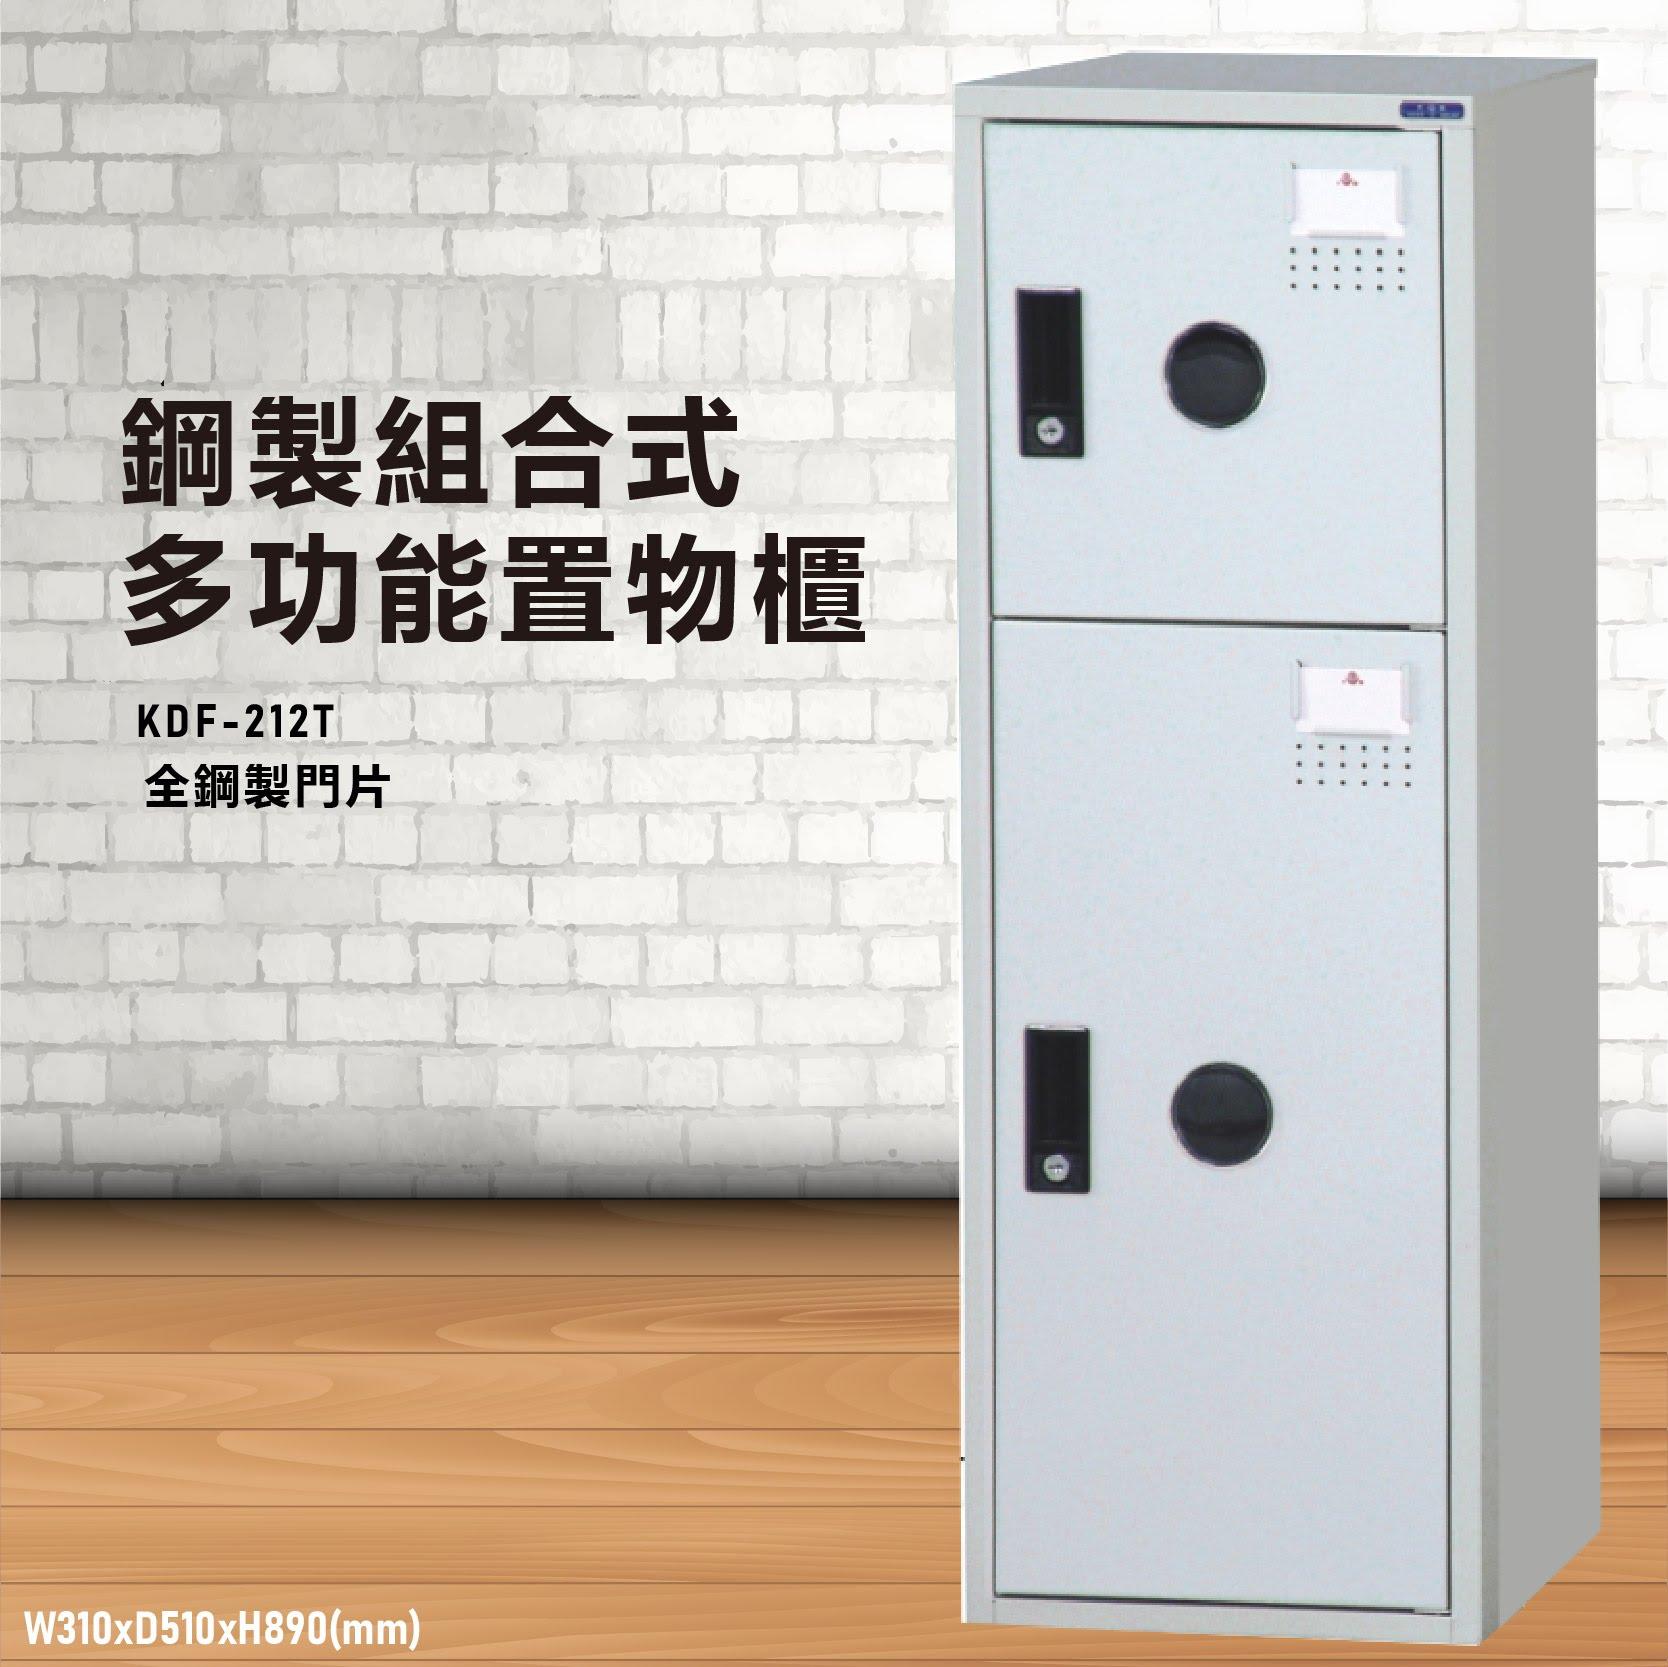 【鑰匙櫃】大富 KDF-212TA 多用途鋼製組合式置物櫃~可換購密碼鎖 收納櫃 更衣櫃 衣櫃 鞋櫃 存放 員工宿舍